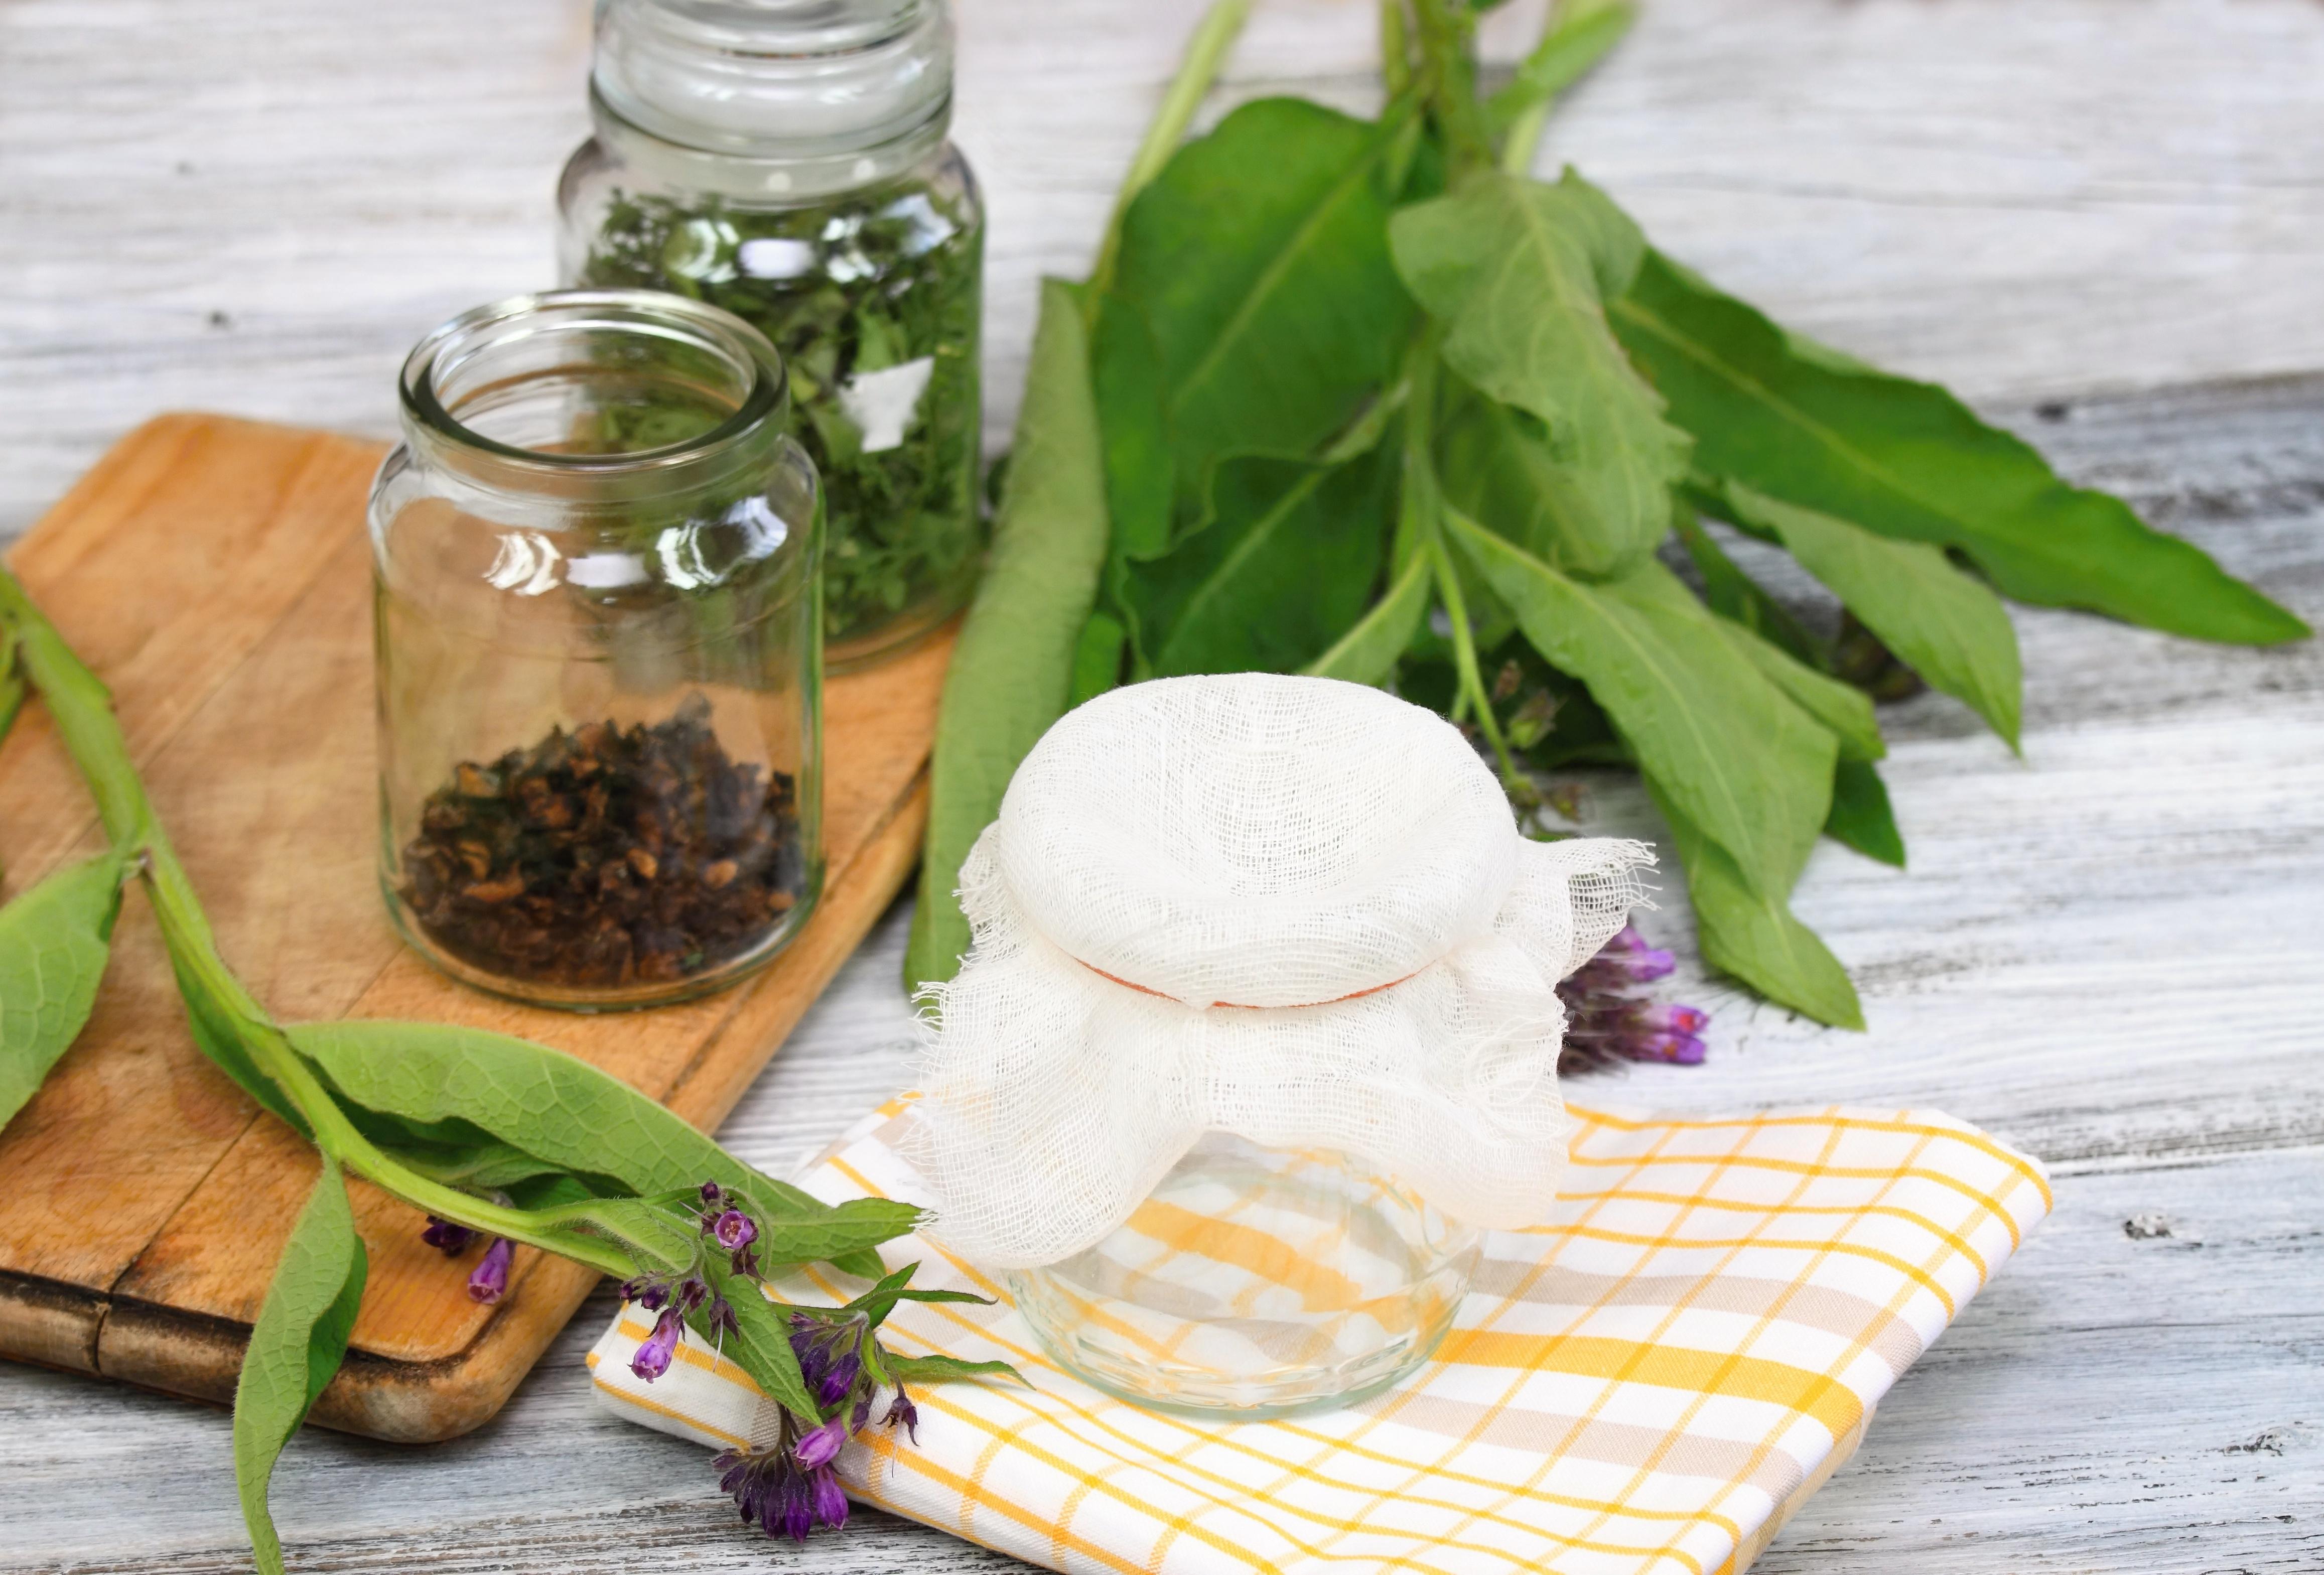 comfrey - healing power of comfrey - medicinal plant comfrey - comfrey for broken bones - comfrey medicinal - comfrey plant - comfrey herb - comfrey medicine